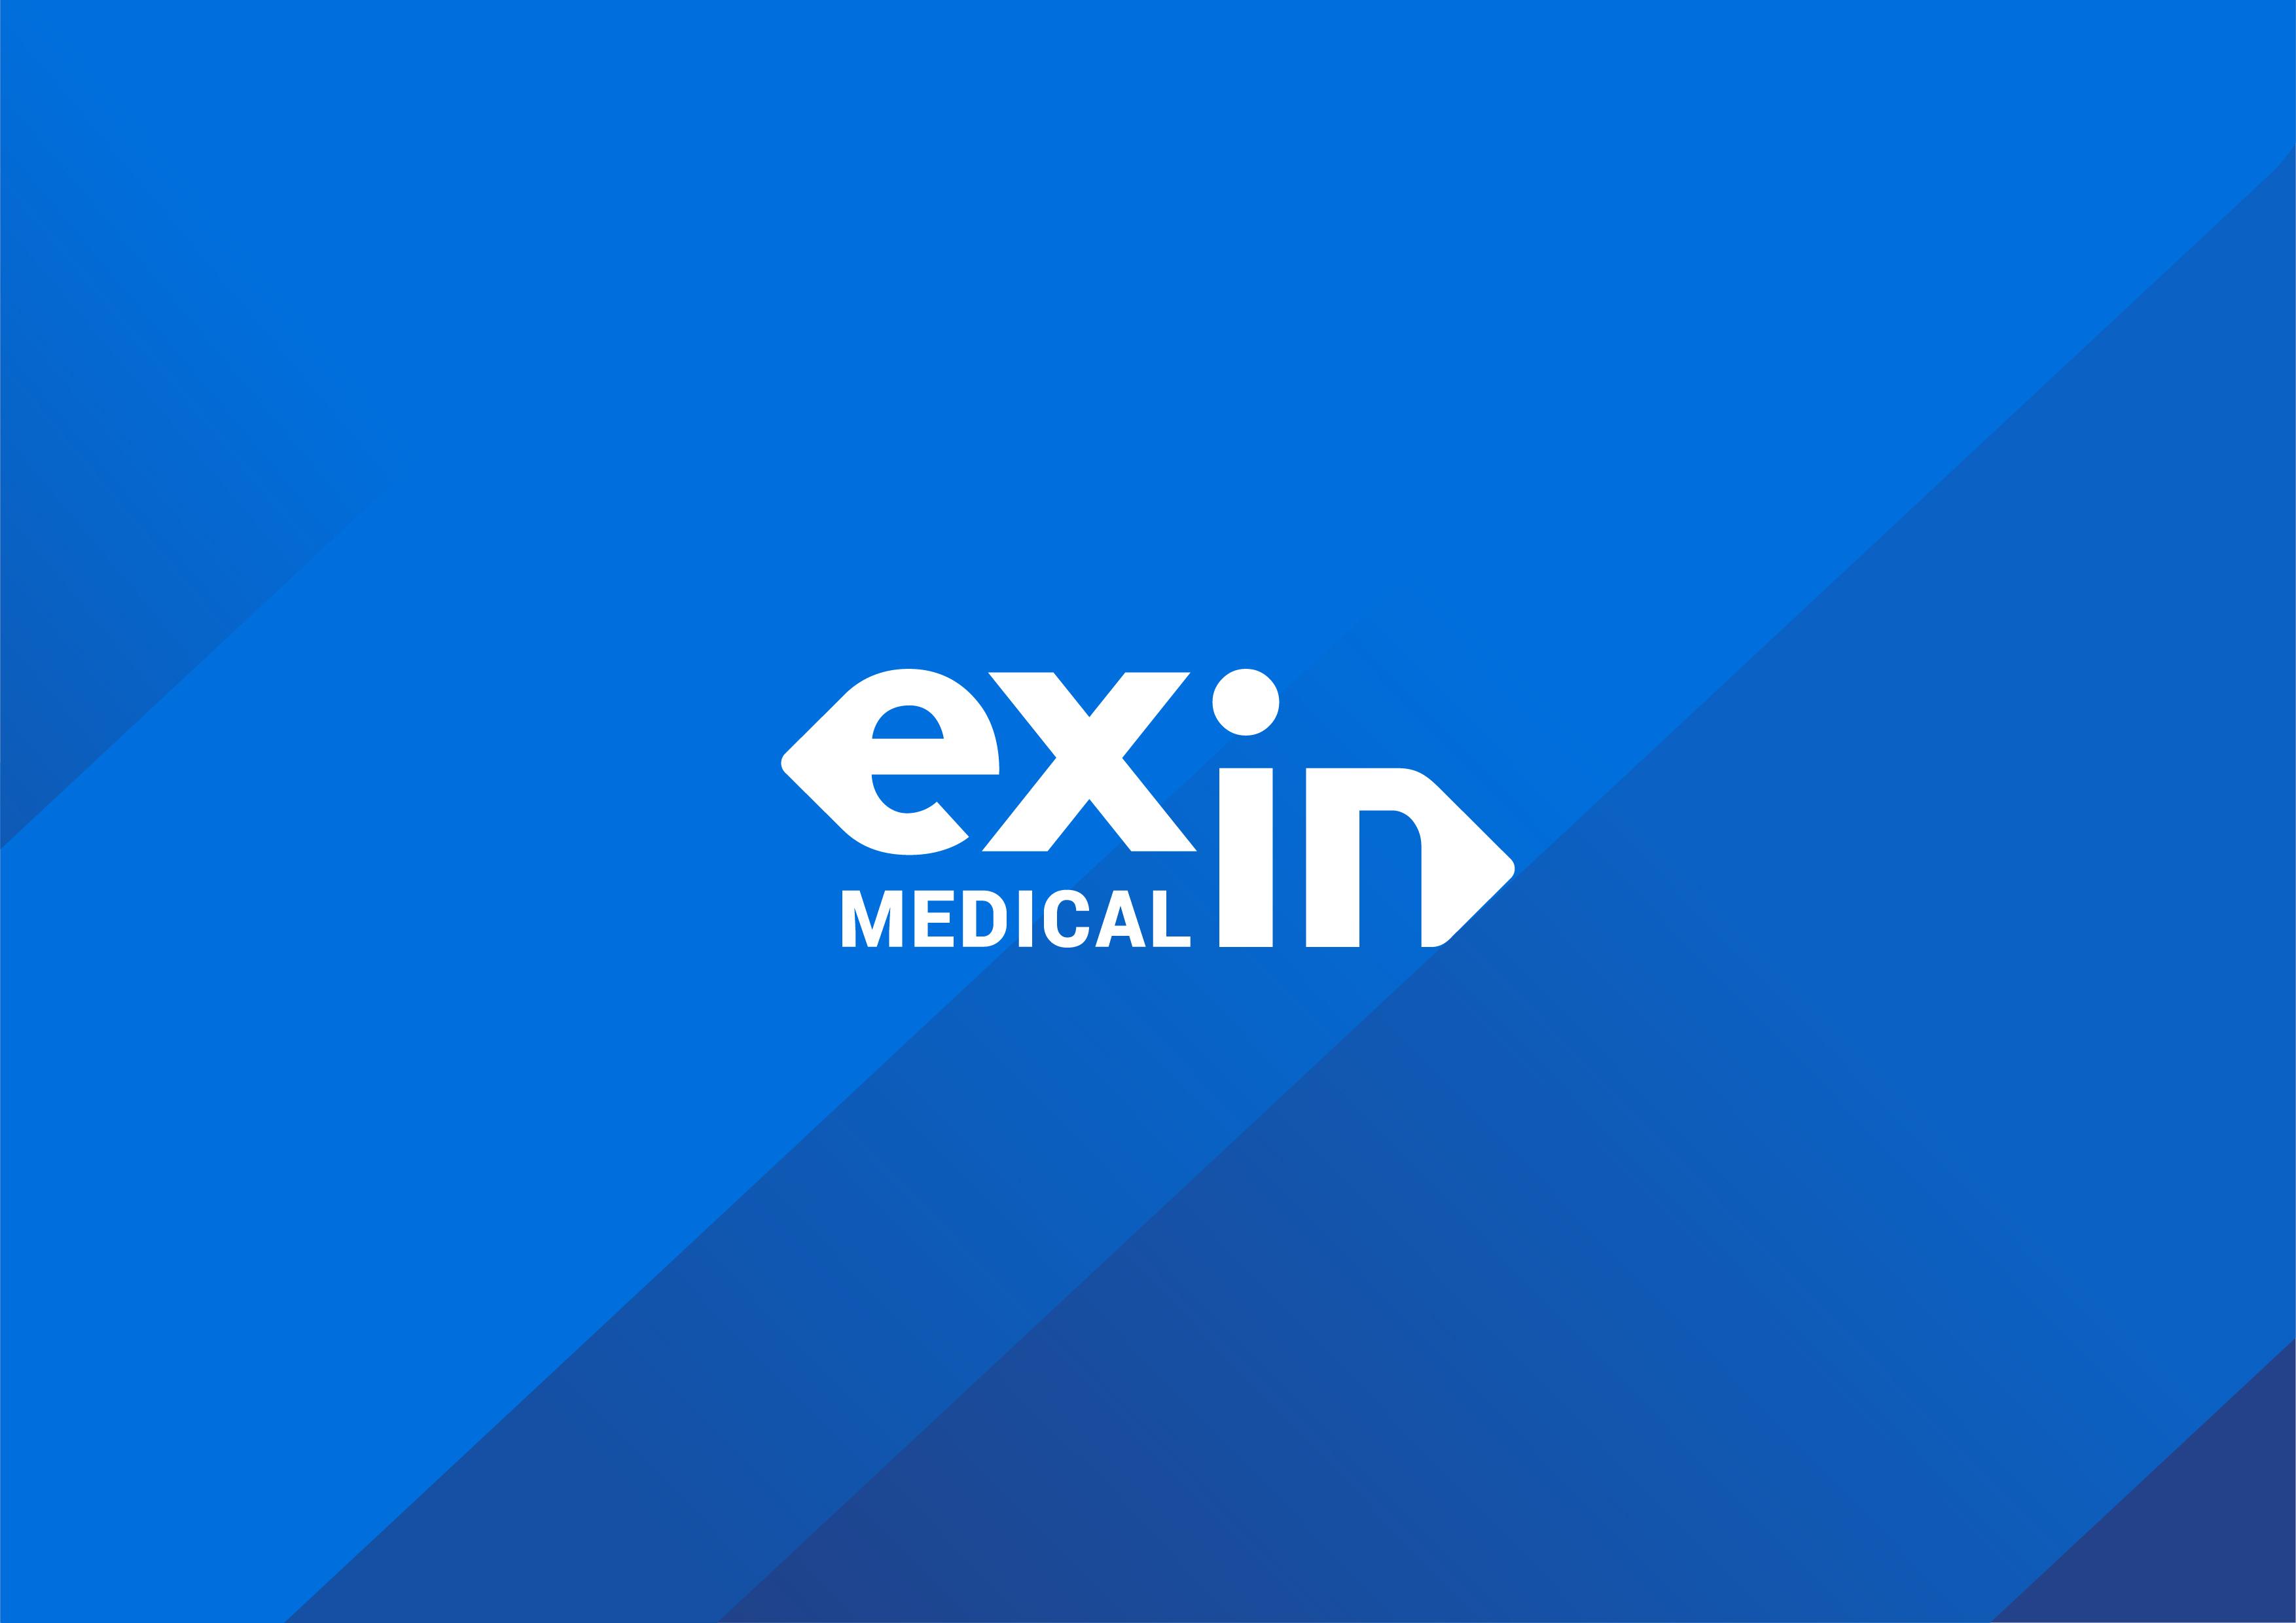 EXIN Medical Brand Design